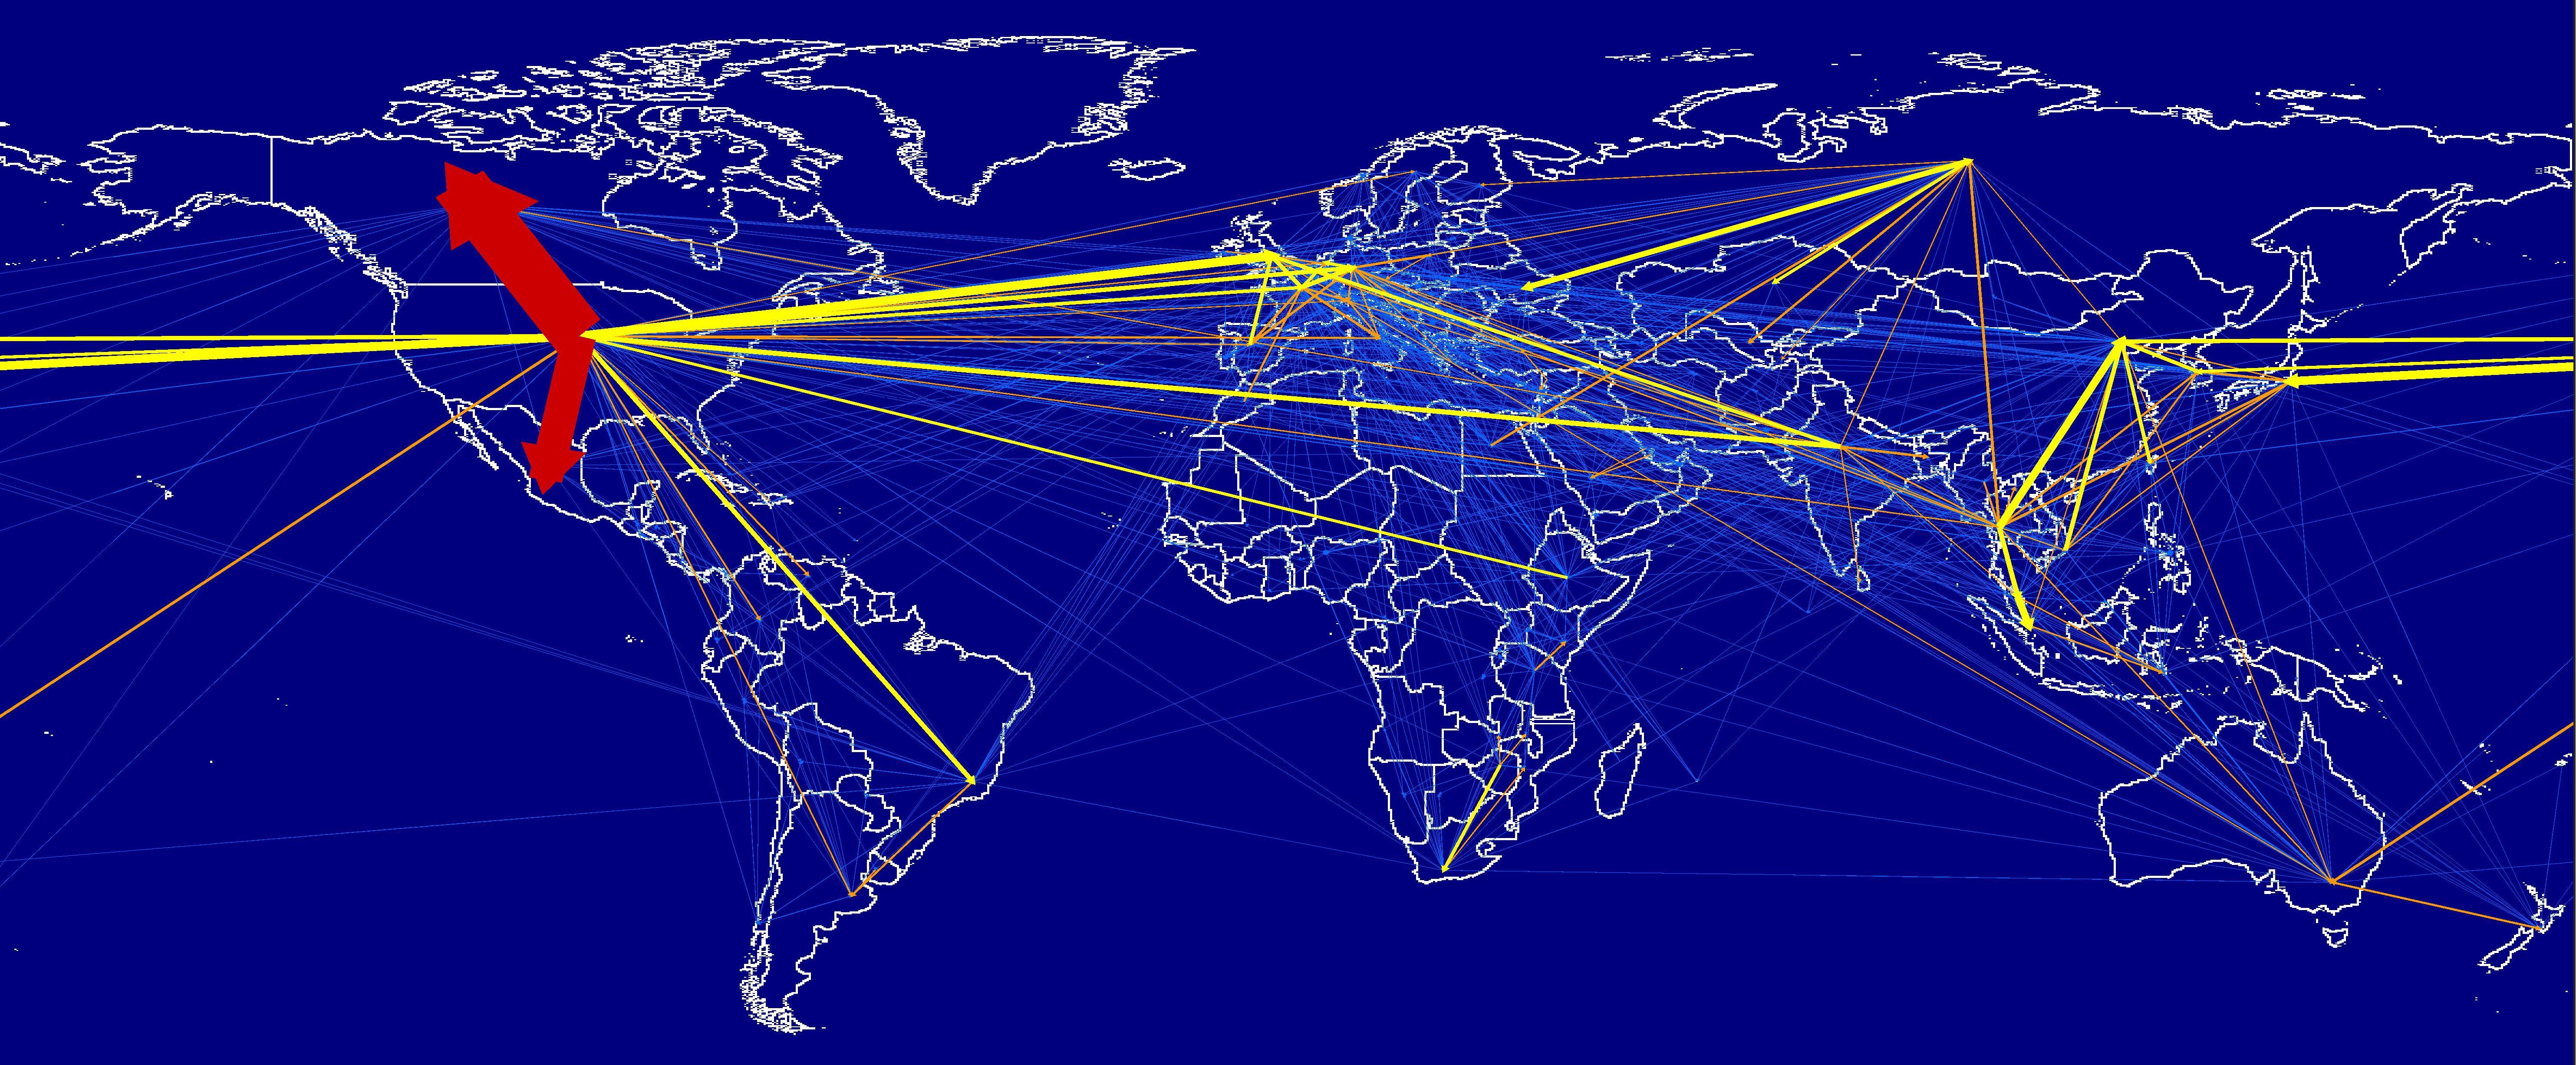 En 2013, les voyages internationaux ont entraîné une empreinte carbone d'environ 1 Gt CO2-e, soit 23 % de l'empreinte carbone mondiale du tourisme. Les flèches pointent dans la direction du flux de carbone incorporé, qui, conformément à la littérature, est la direction du commerce des produits de base et qui est contraire au mouvement des personnes. Les Flèches rouges : Mouvements internationaux bilatéraux appartenant aux 10 % supérieurs du total de 1 Gt de CO2-e Flèches jaunes : Les principaux 10-30 % Flèches orange : 30-50 % Flèches bleues: le reste. Crédit : University of Sydney